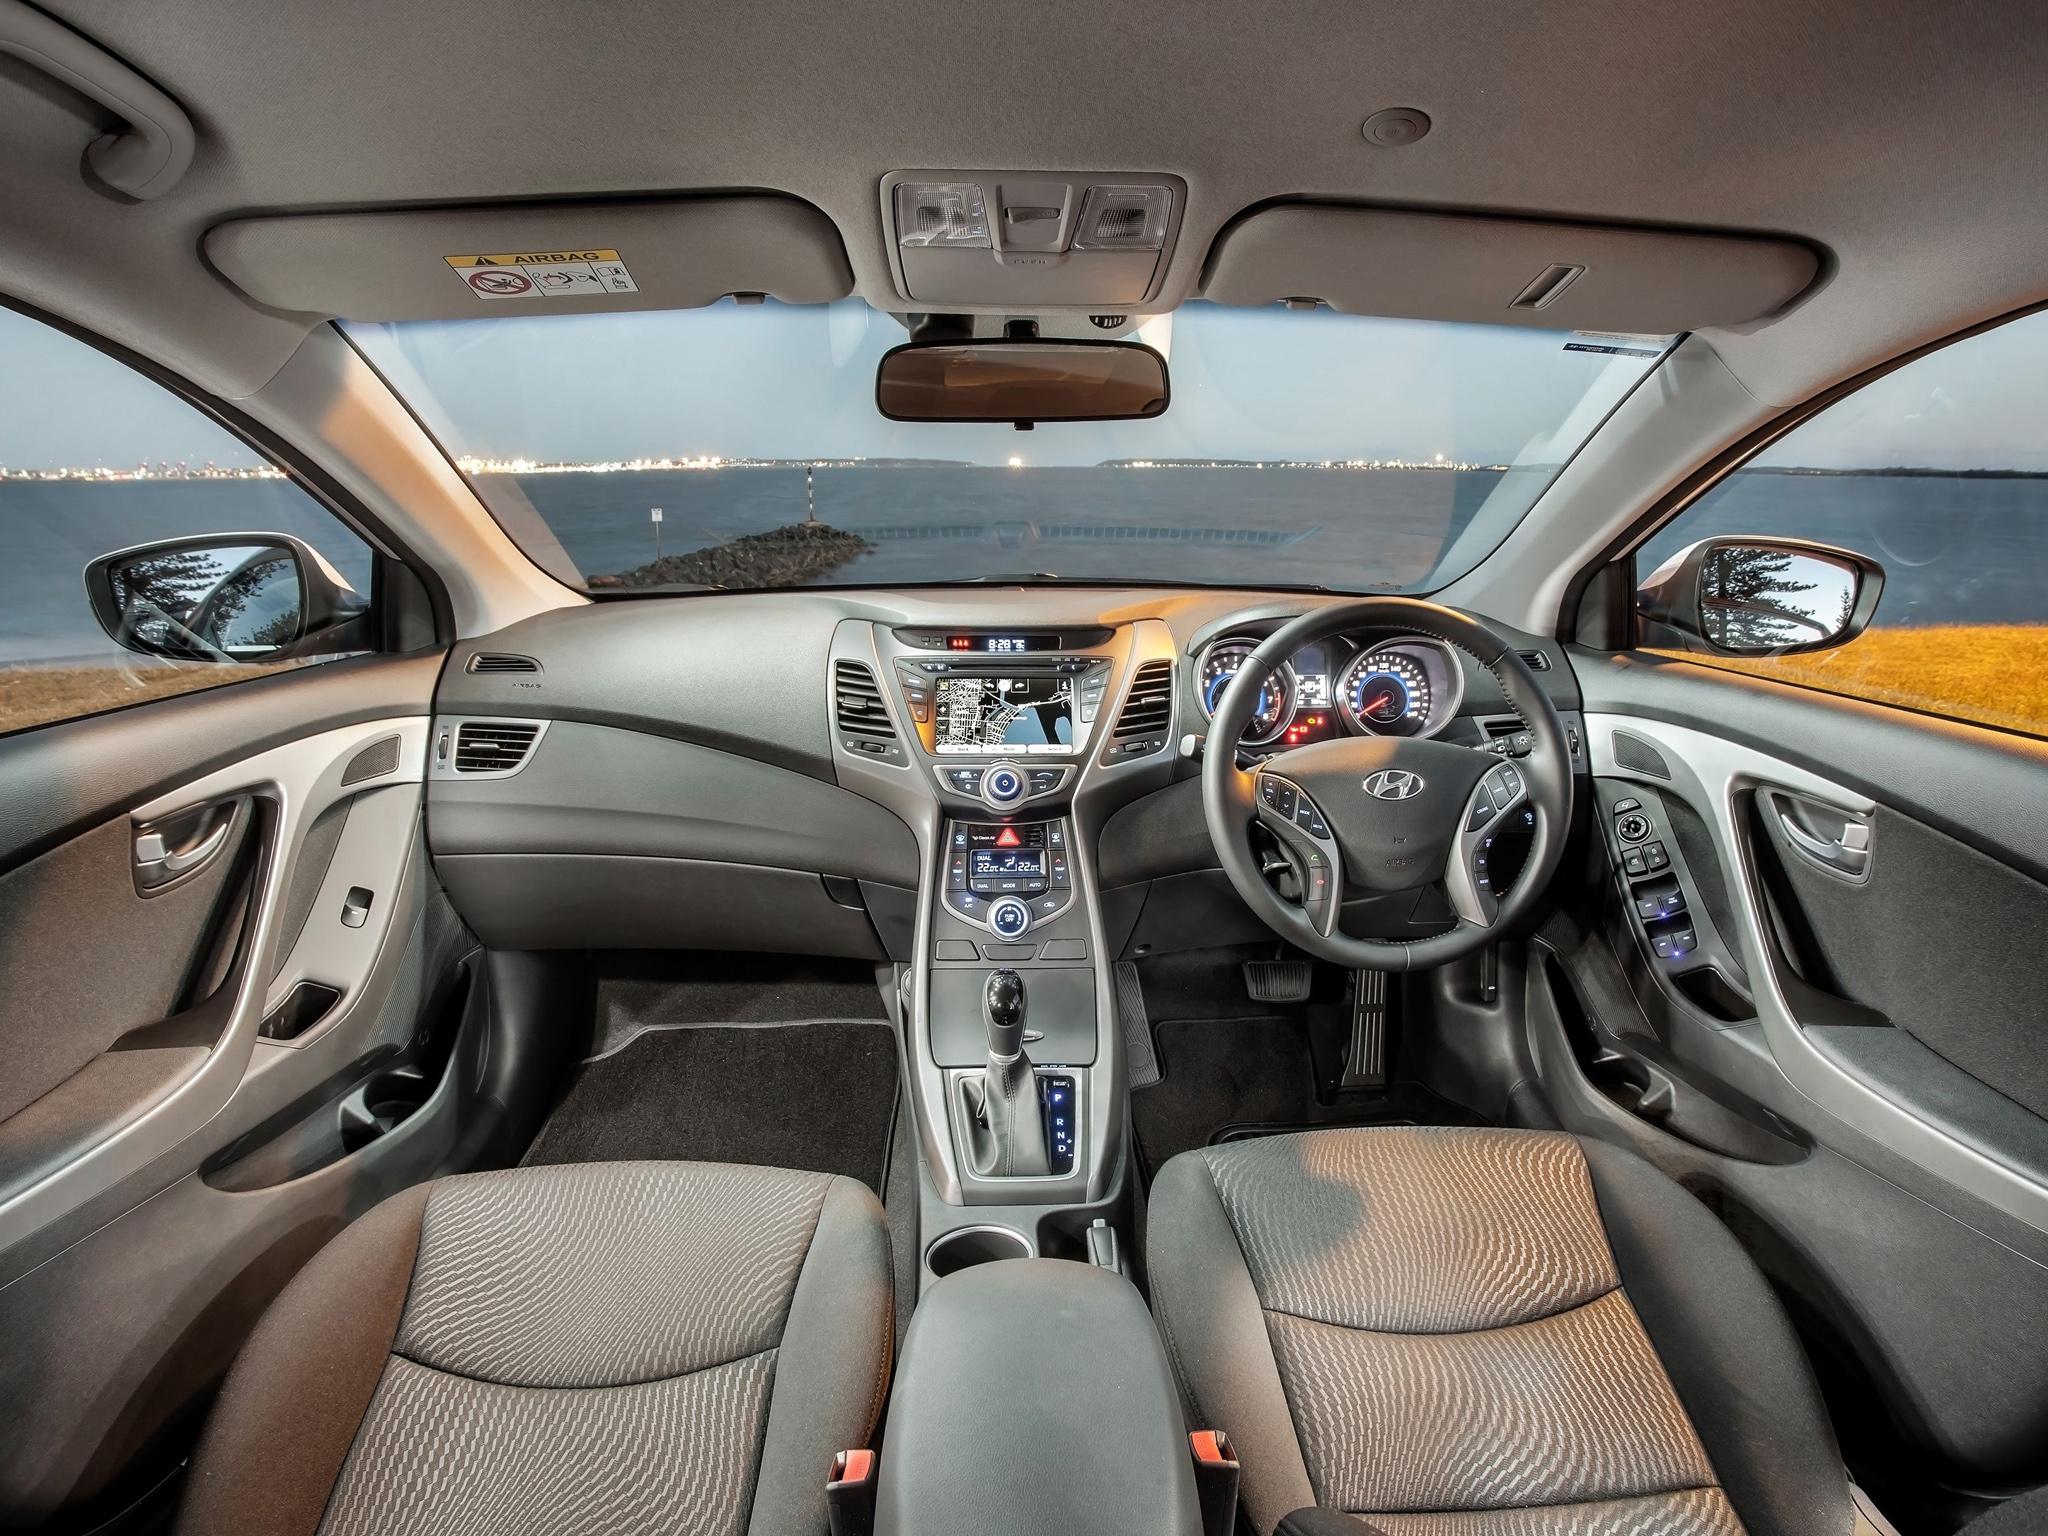 2014 hyundai elantra au spec m d interior g wallpaper 2048x1536 230728 wallpaperup for Hyundai elantra interior colors